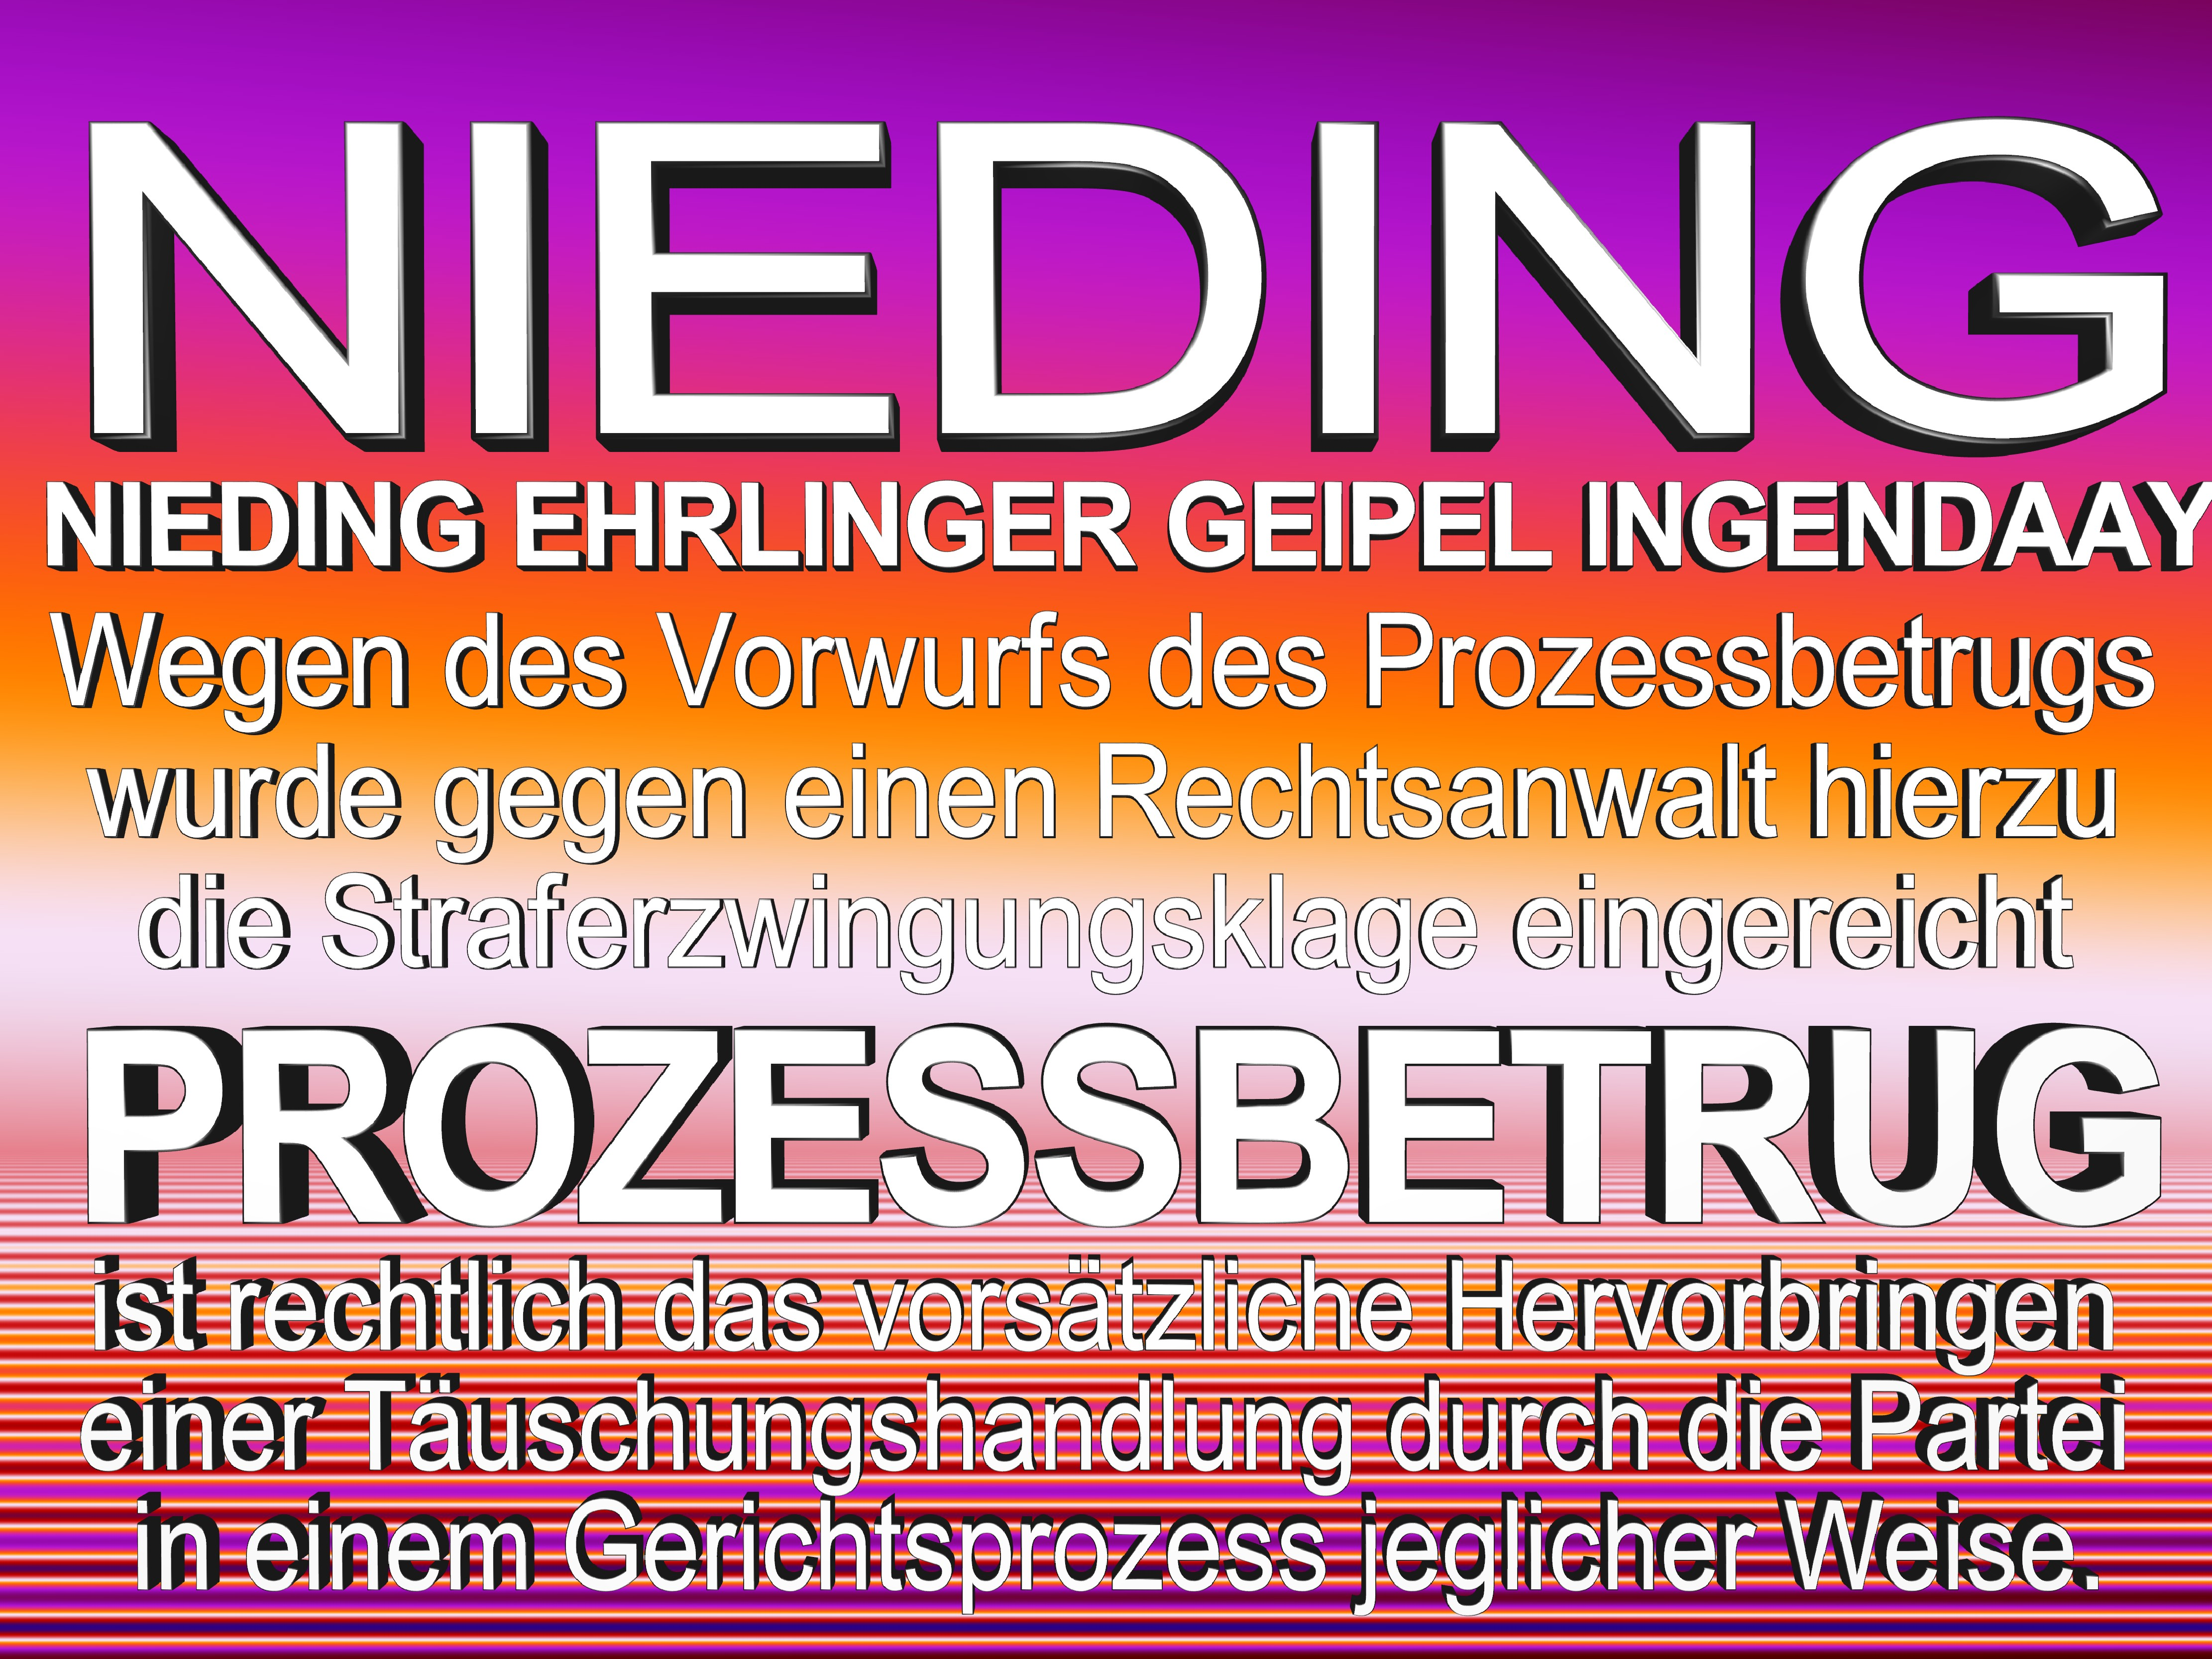 NIEDING EHRLINGER GEIPEL INGENDAAY LELKE Kurfürstendamm 66 Berlin (72)